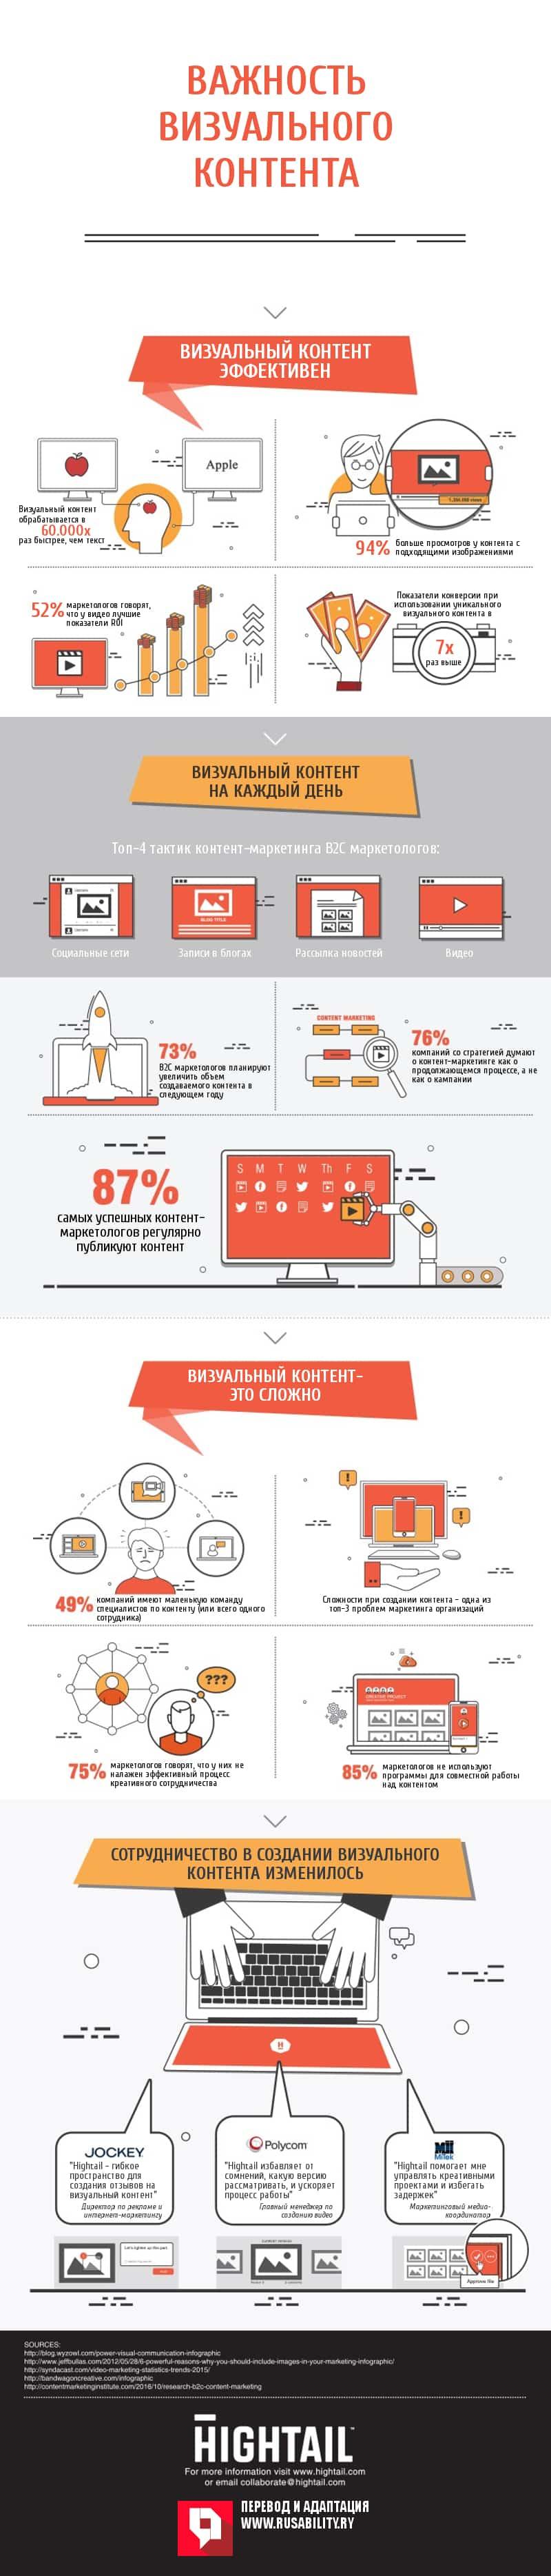 Цифровой маркетинг: что это такое, его типы и все